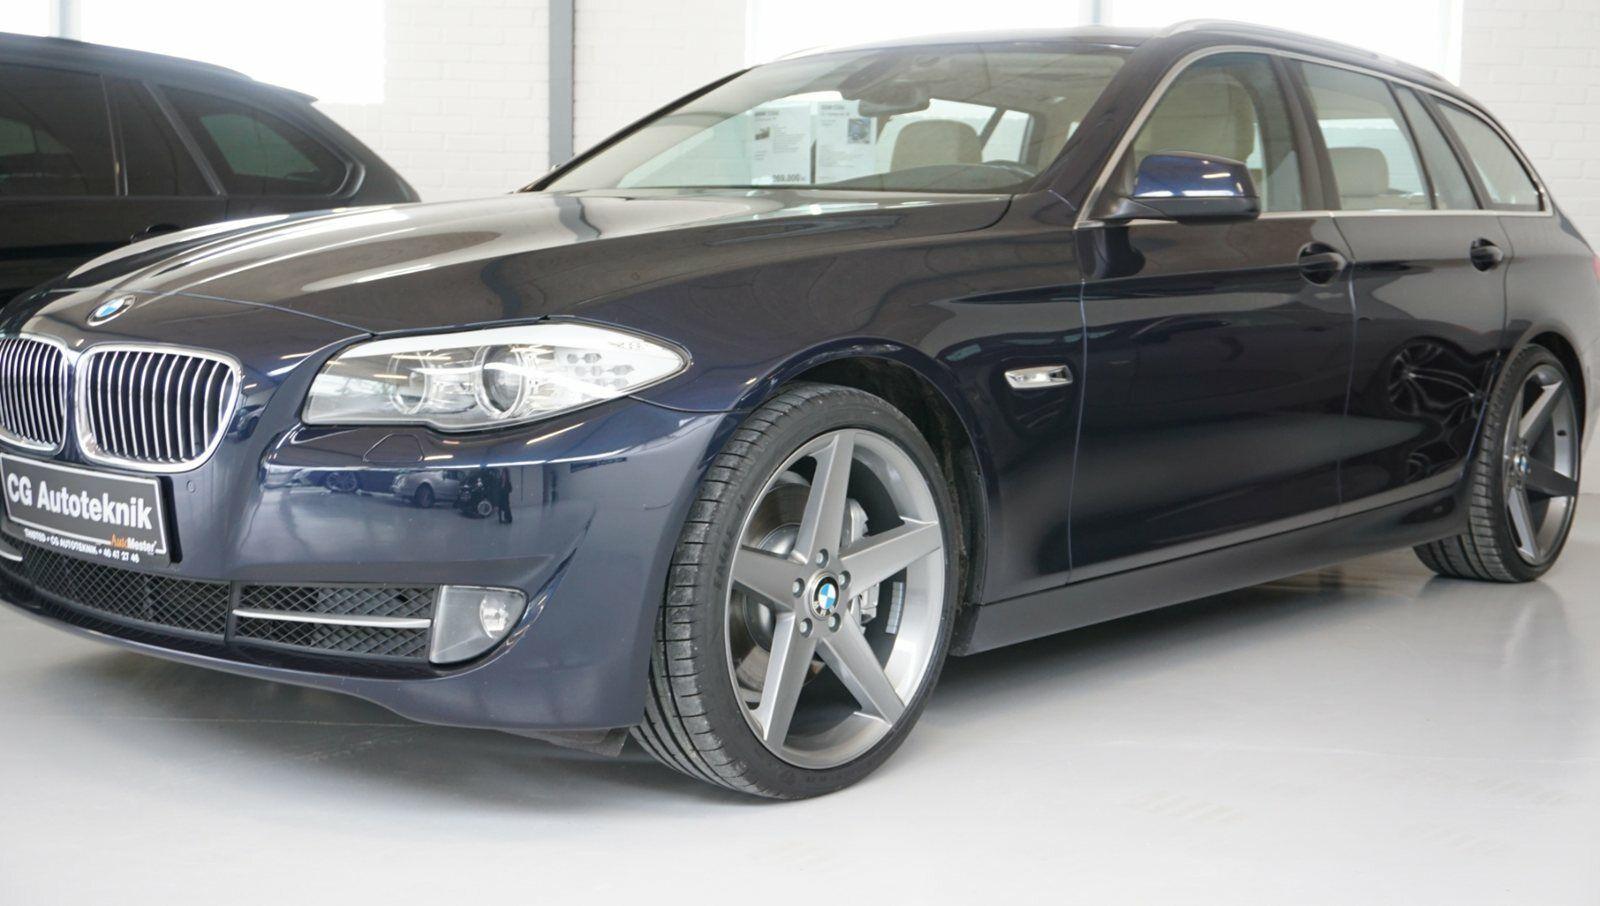 BMW 530d 3,0 Touring aut. 5d - 1.687 kr.